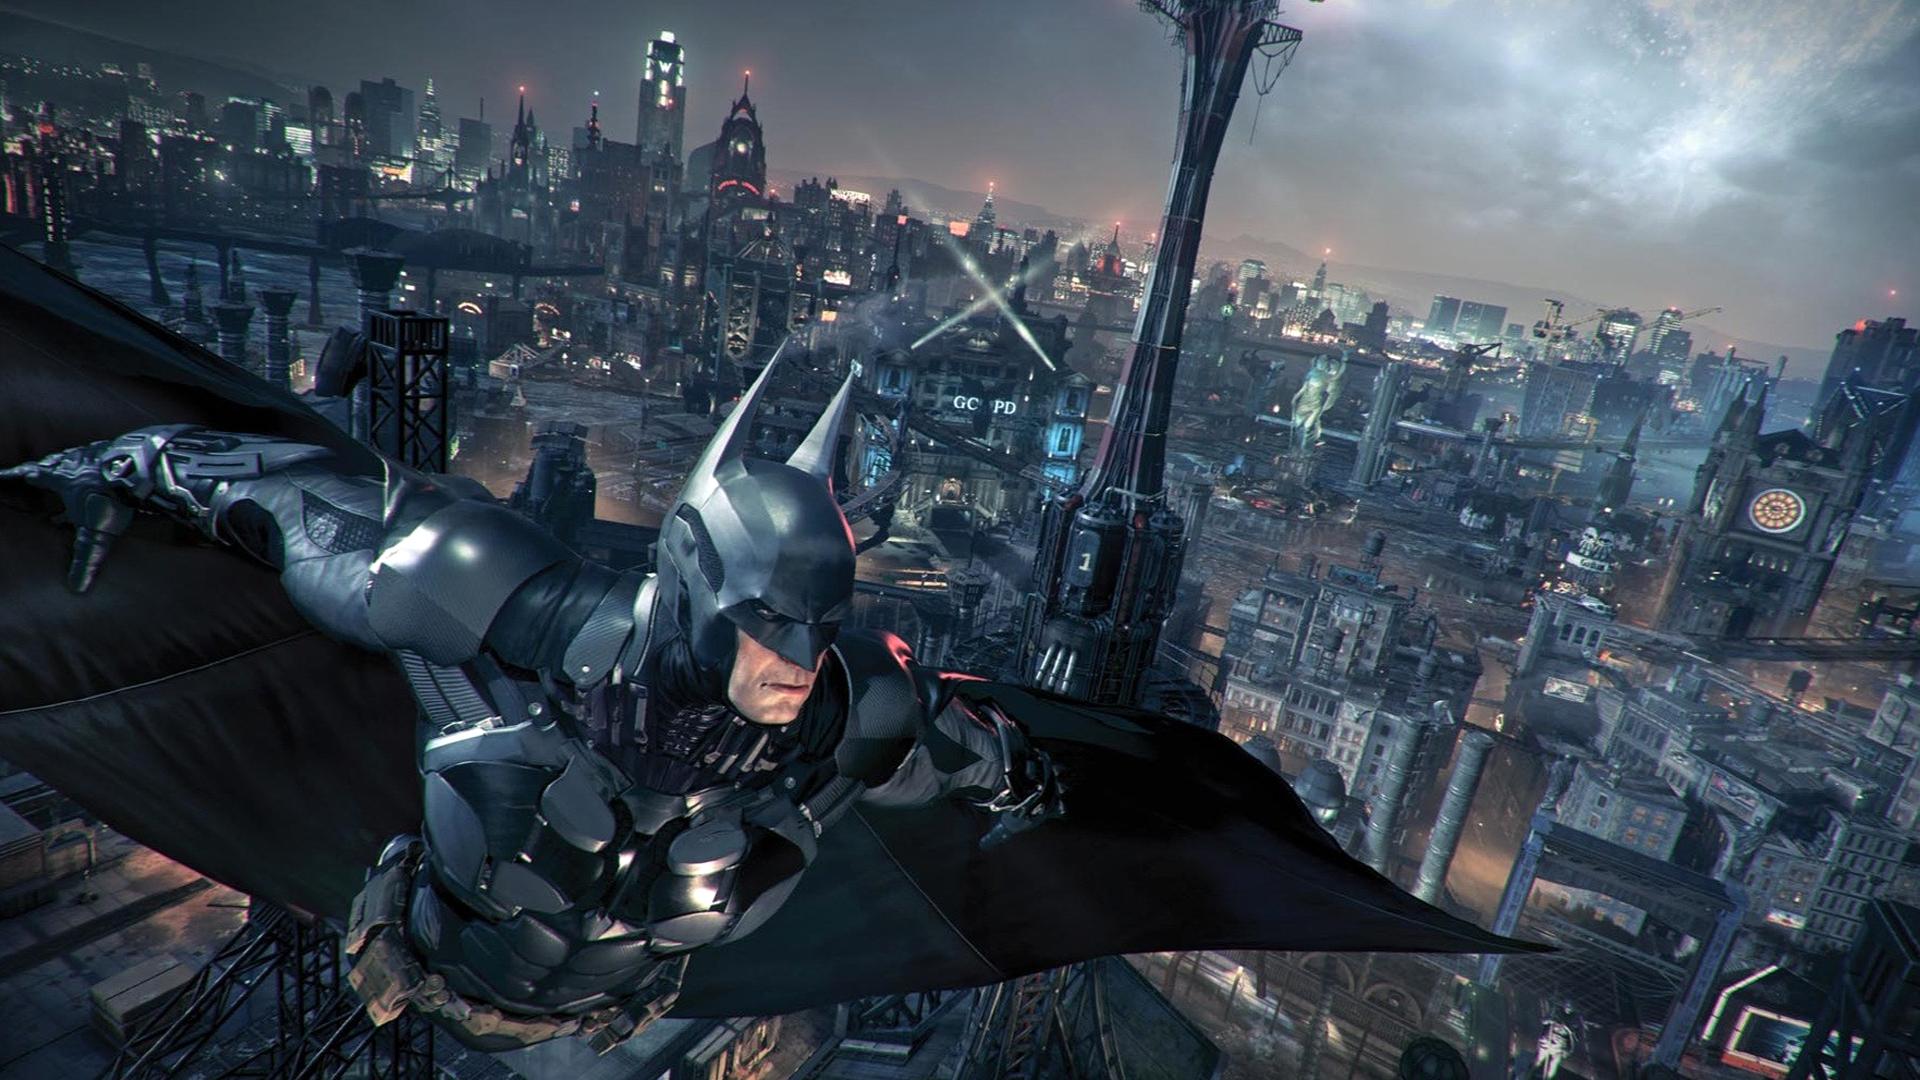 Batman Arkham Knight Image 2c Wallpaper HD 1920x1080